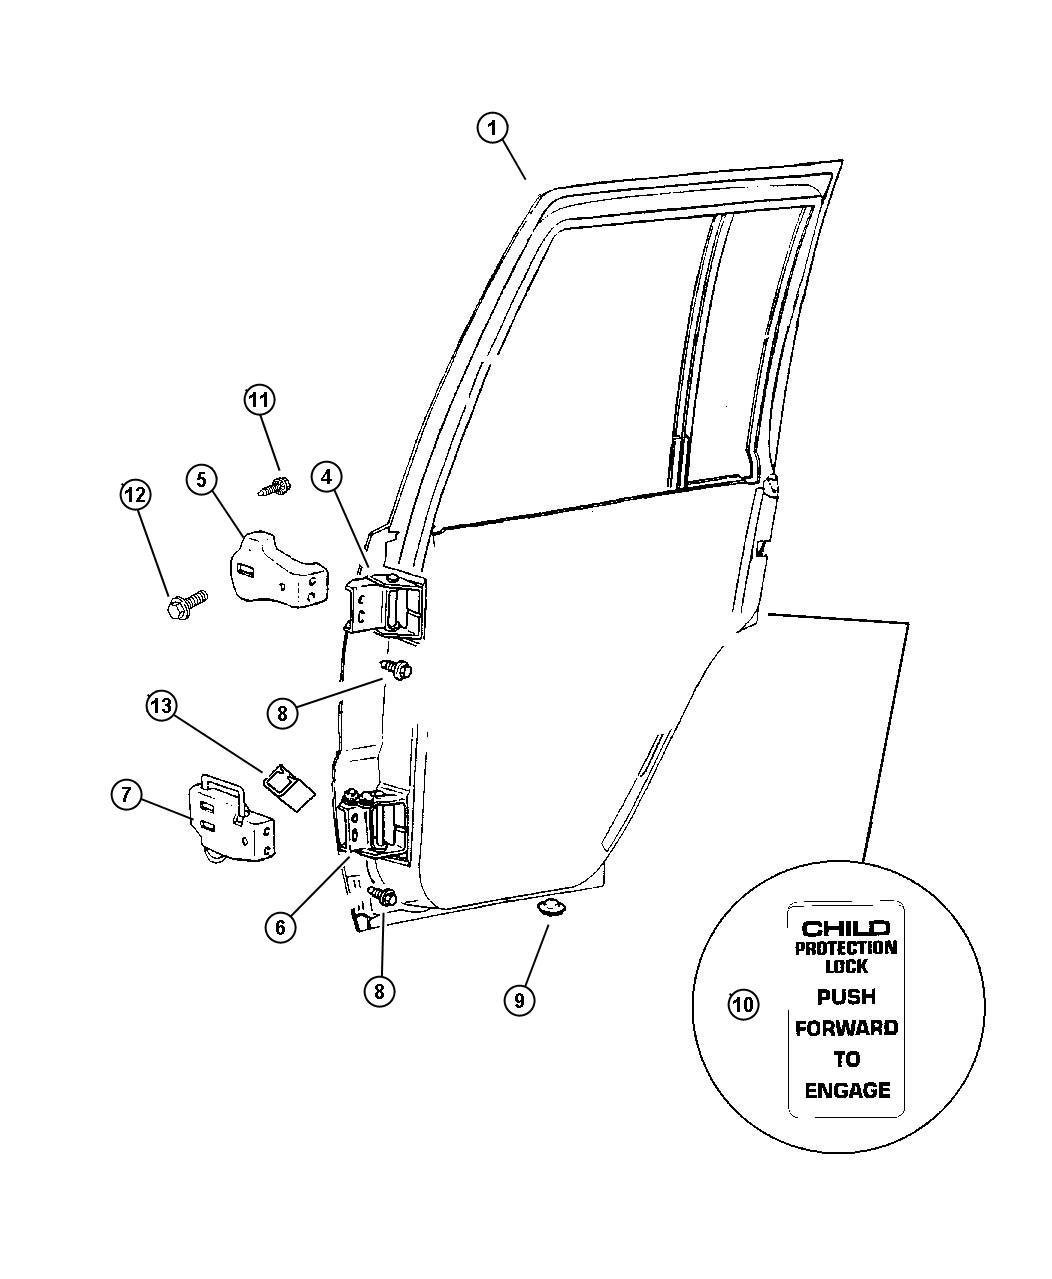 2003 Jeep Grand Cherokee Door Diagram  Jeep Grand Cherokee Hinge Door Half Upper Used For